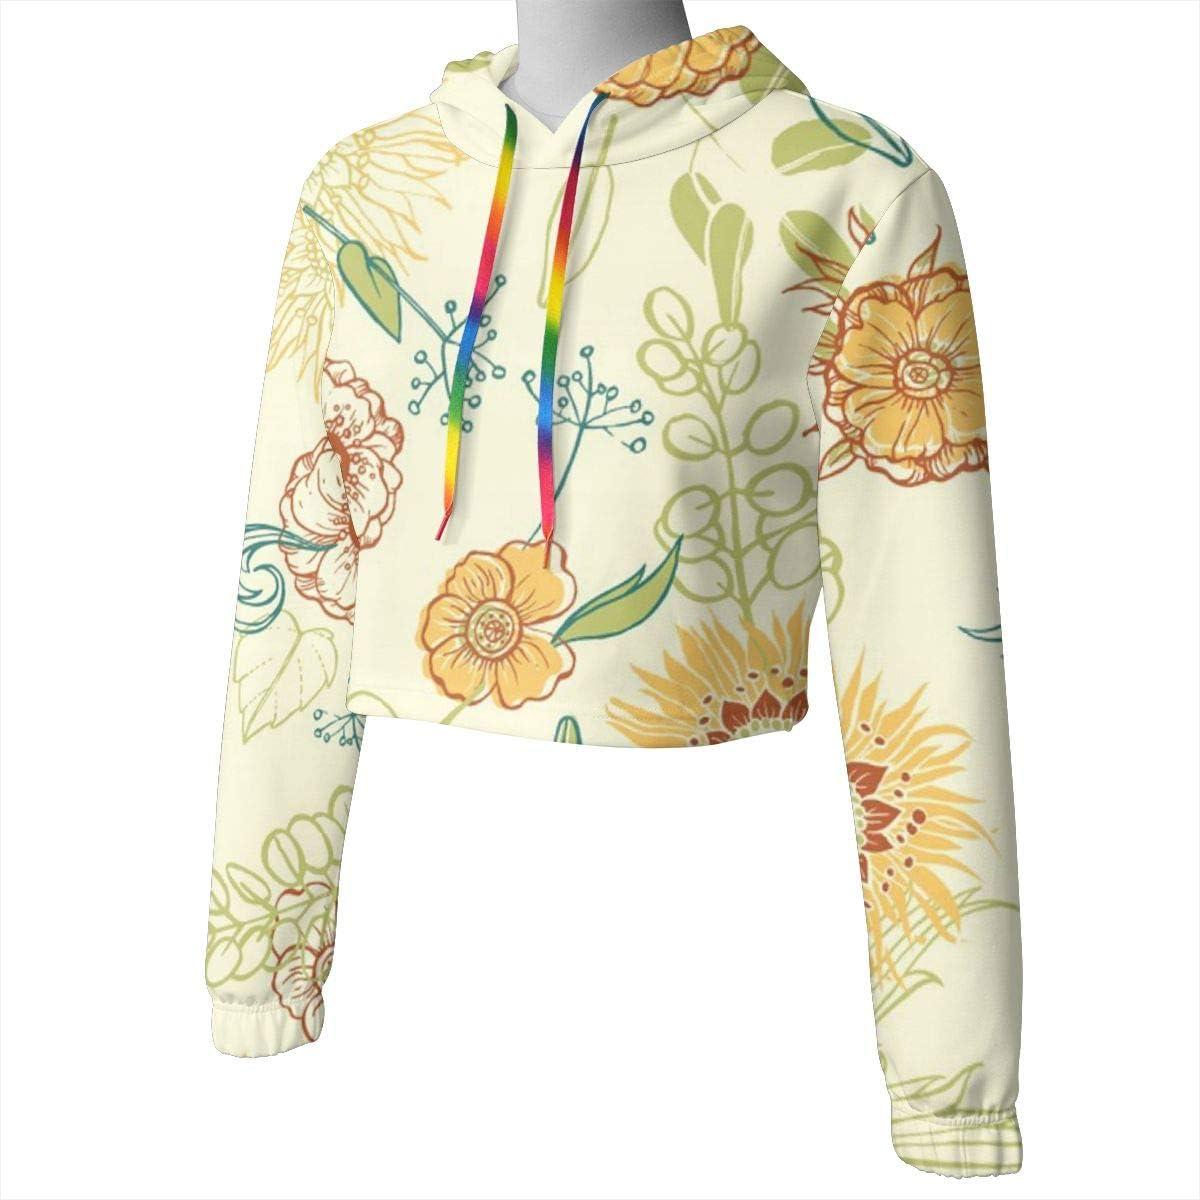 Floral Pattern Womens Long Sleeve Letter Print Casual Sweatshirt Crop Top Hoodies